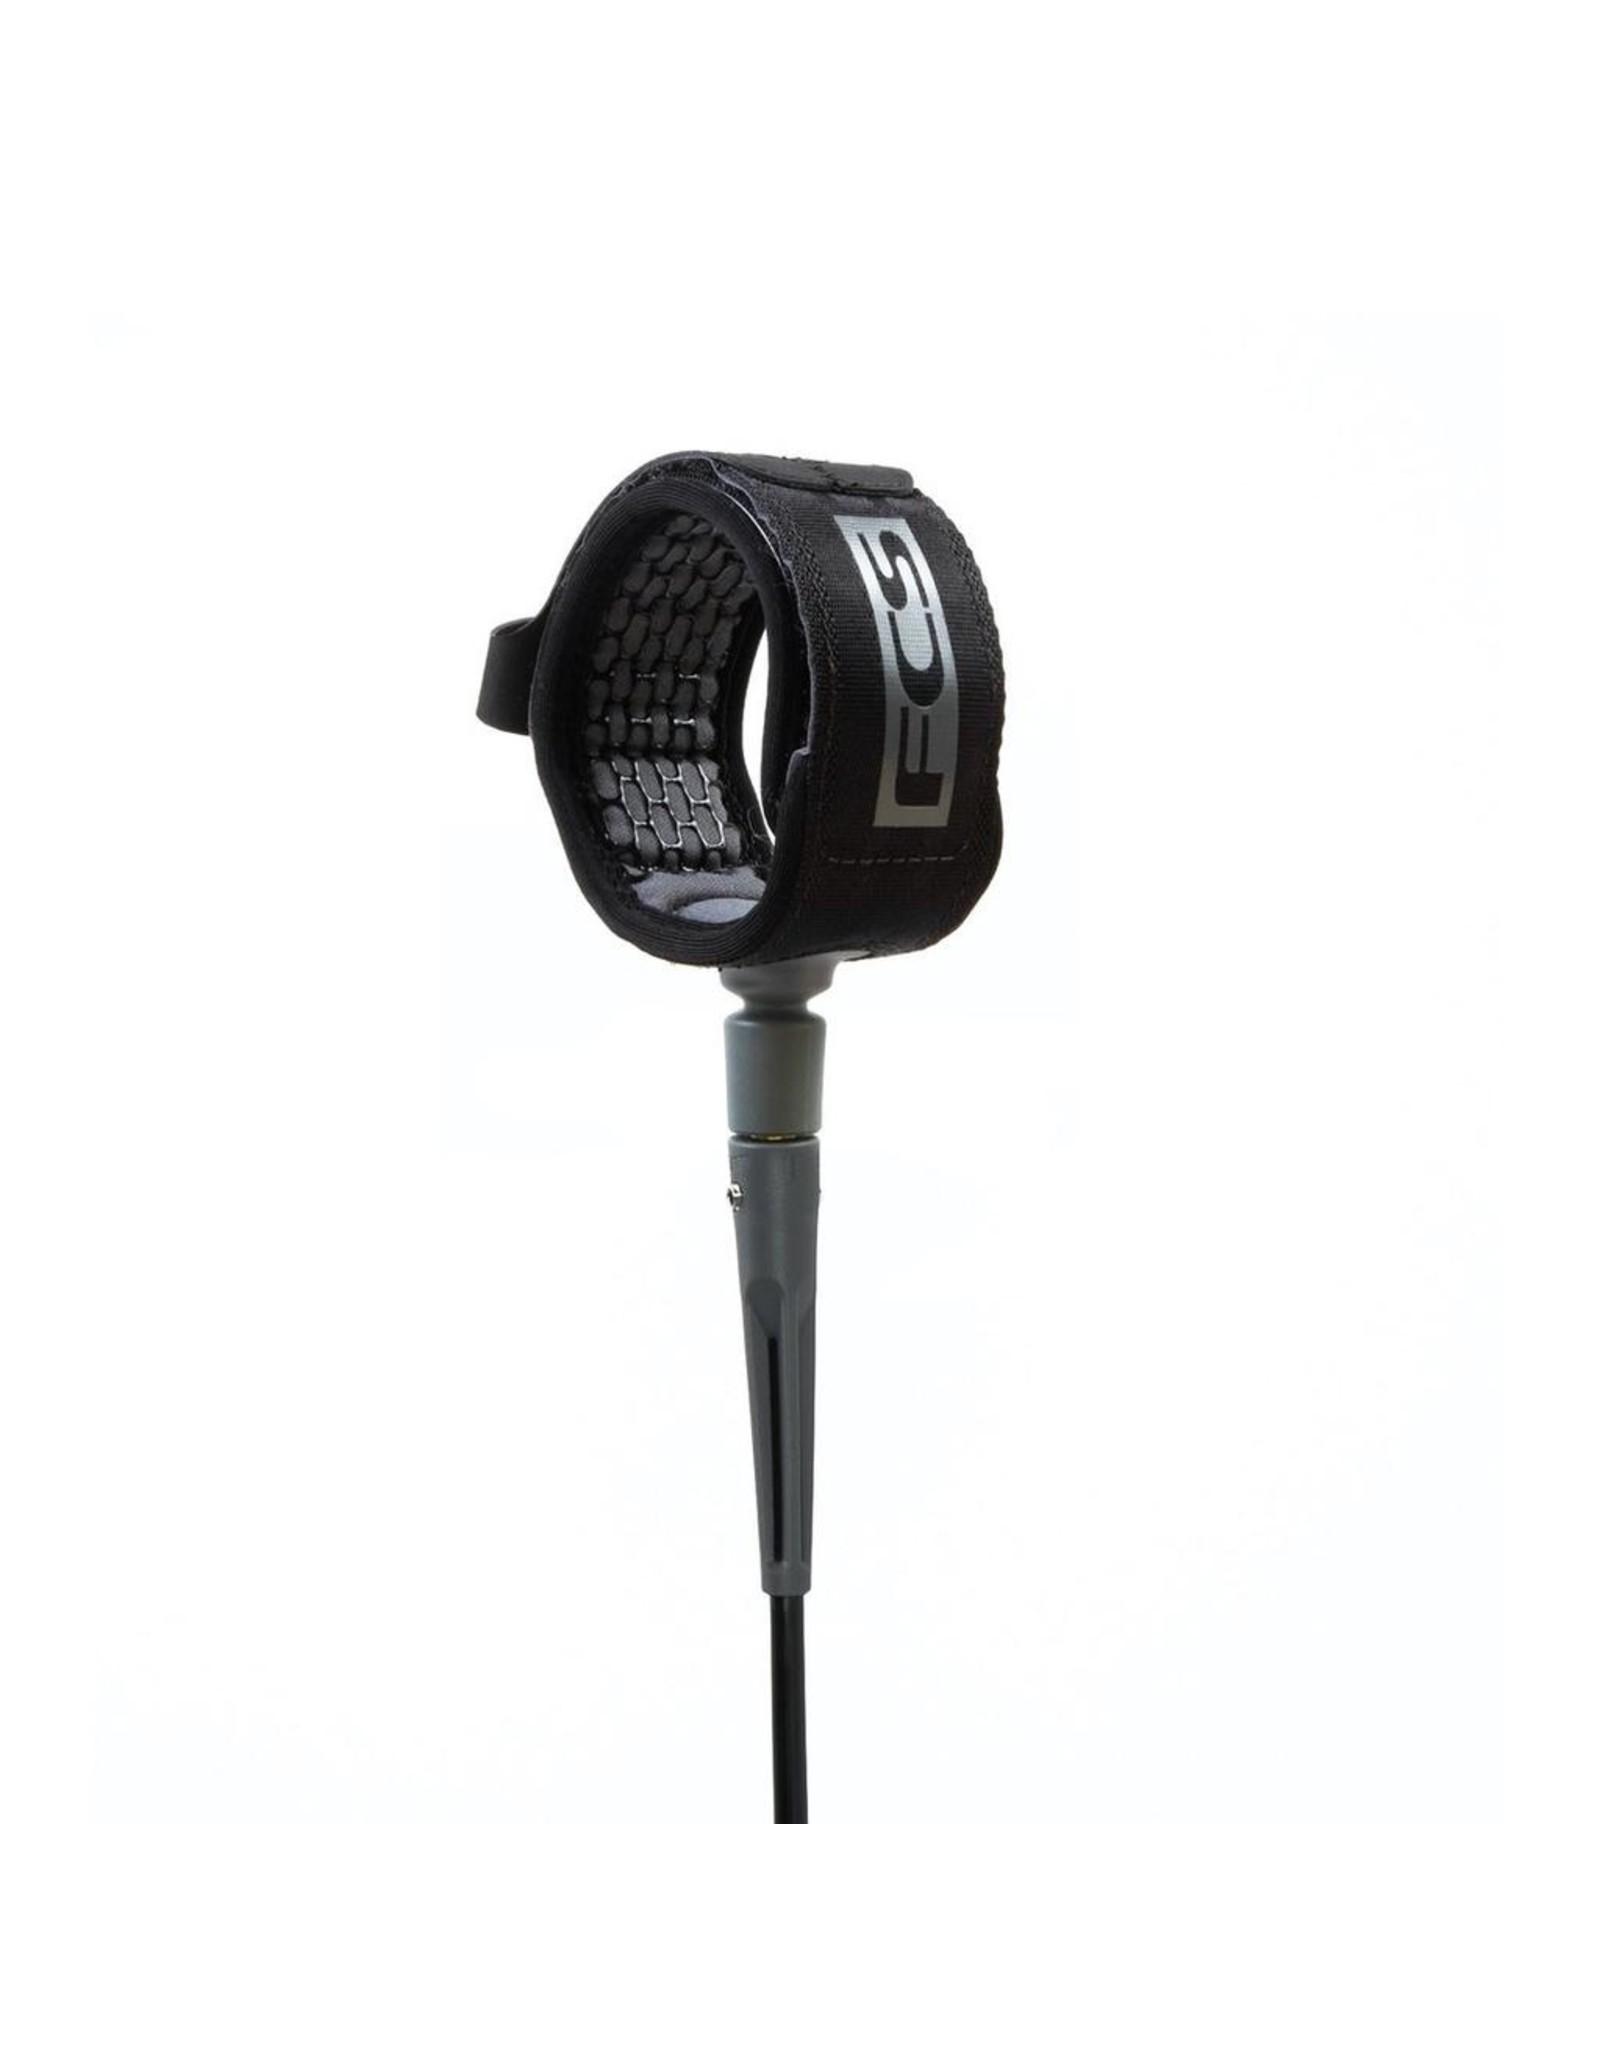 FCS FCS 7' All Round Essential Leash Black/Grey